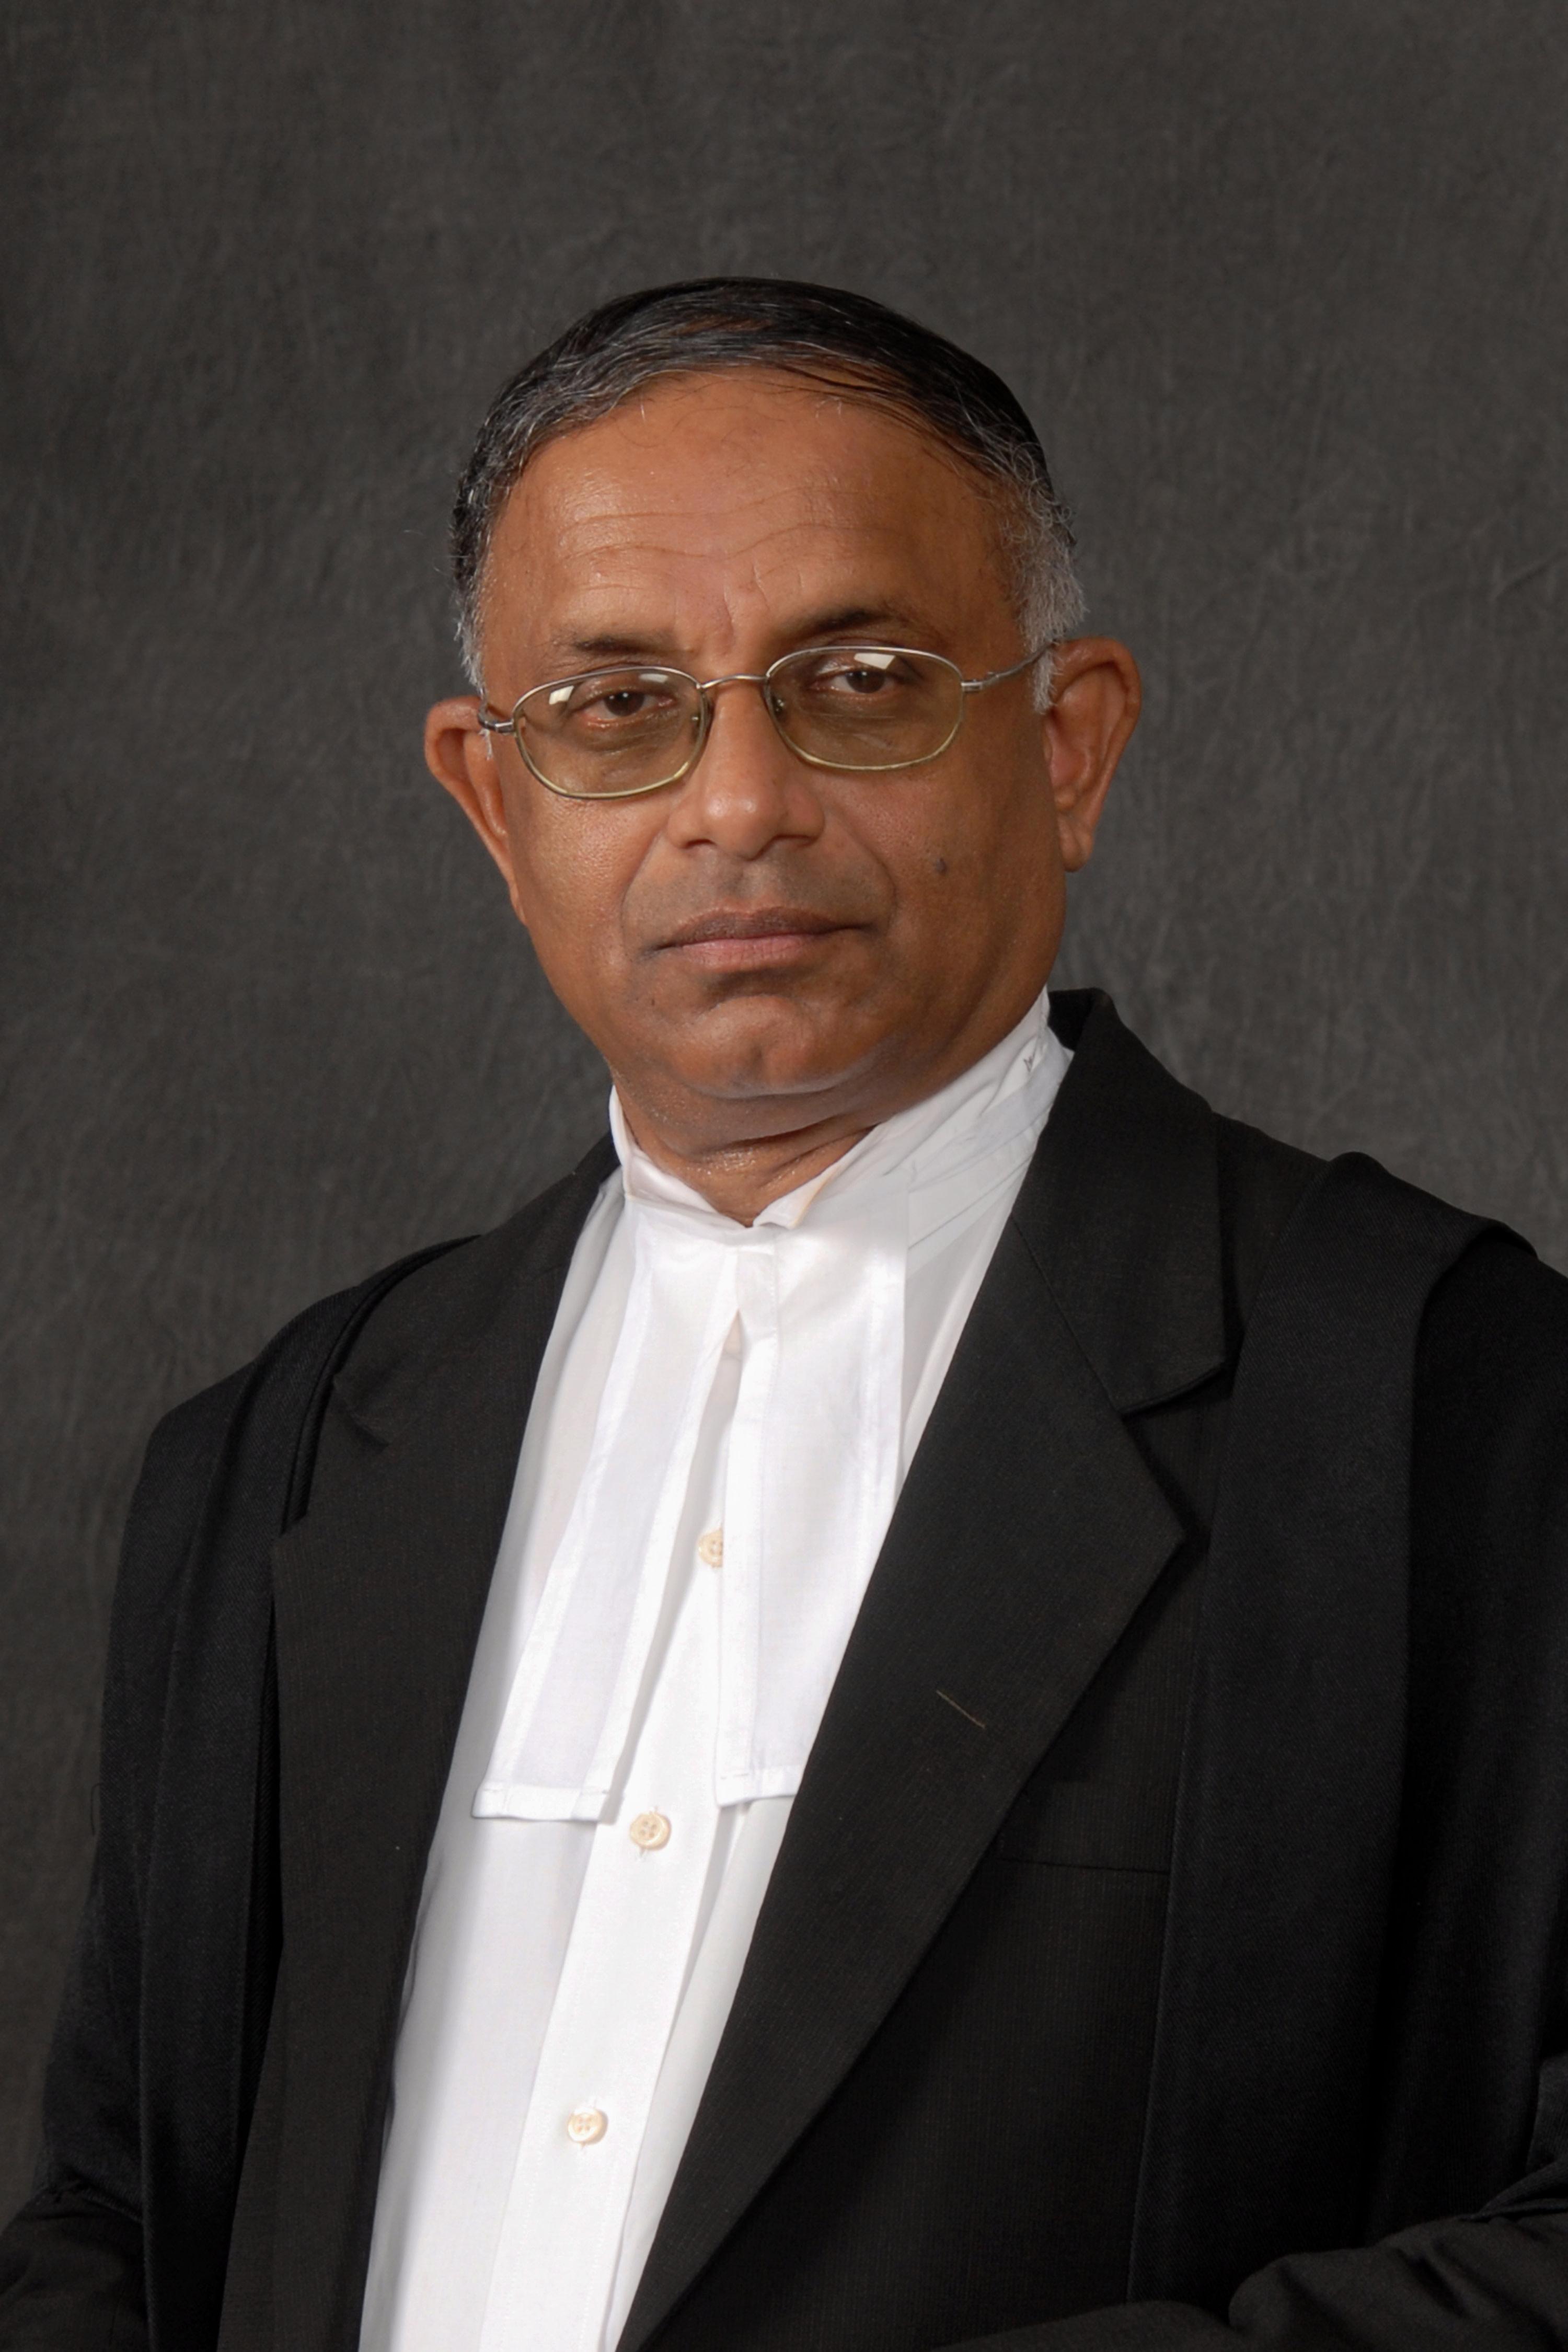 Dr Jayampathy Wickramaratne